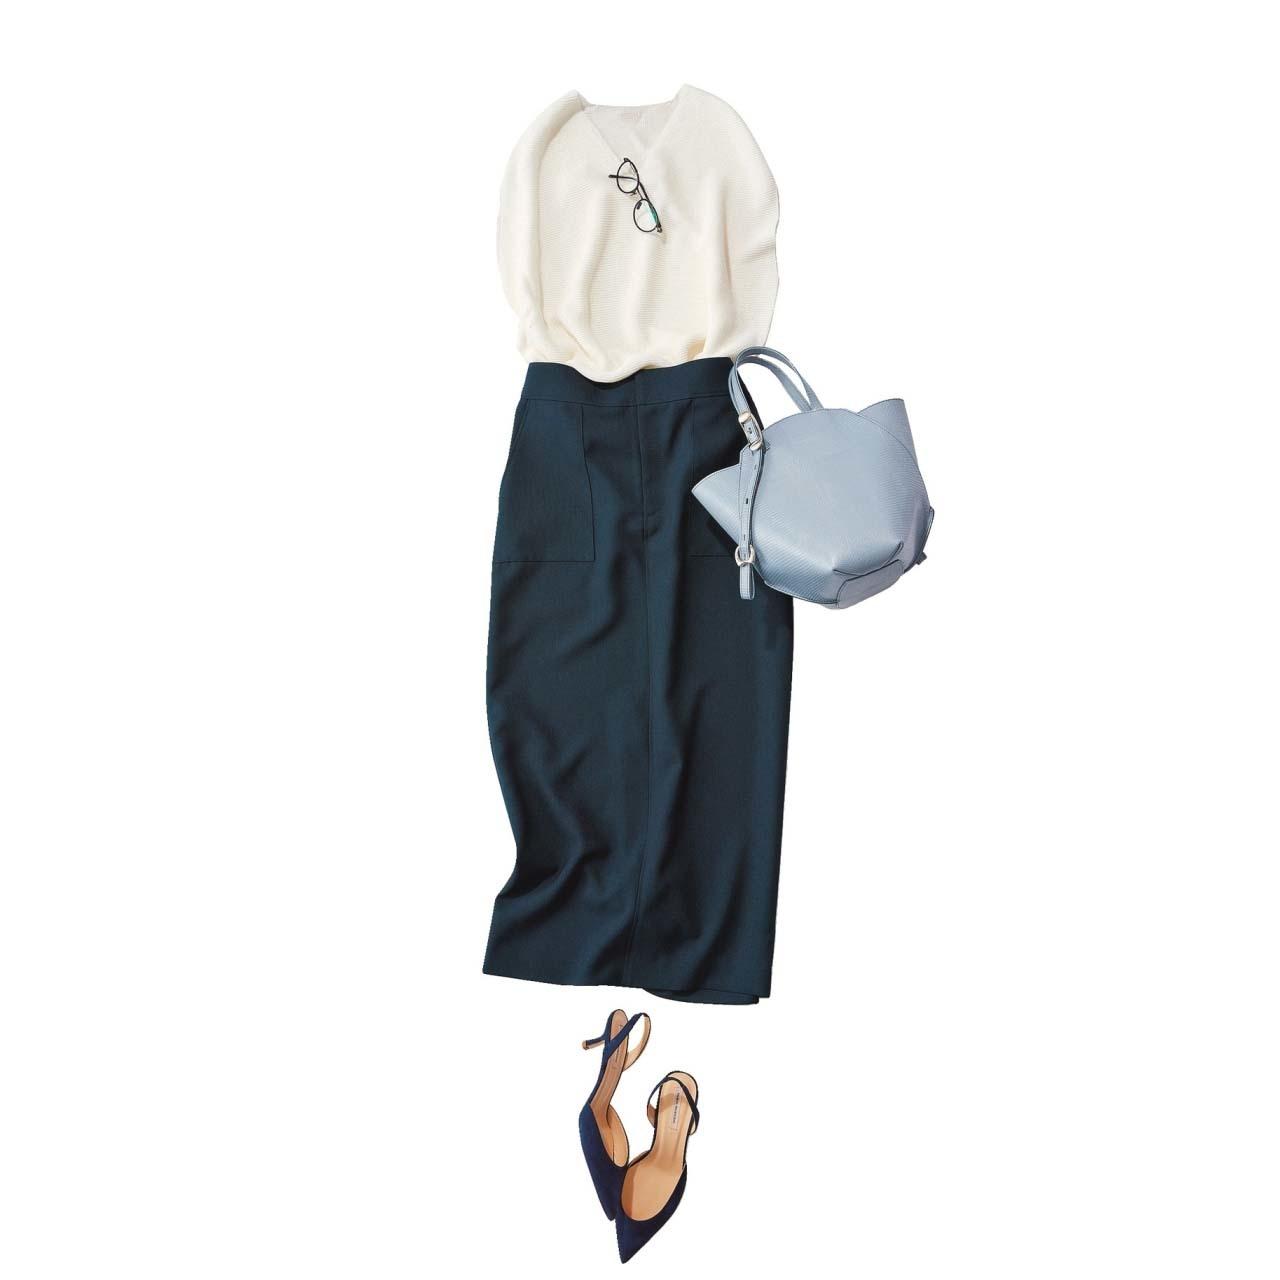 白ニット×ネイビーのタイトスカートコーデ